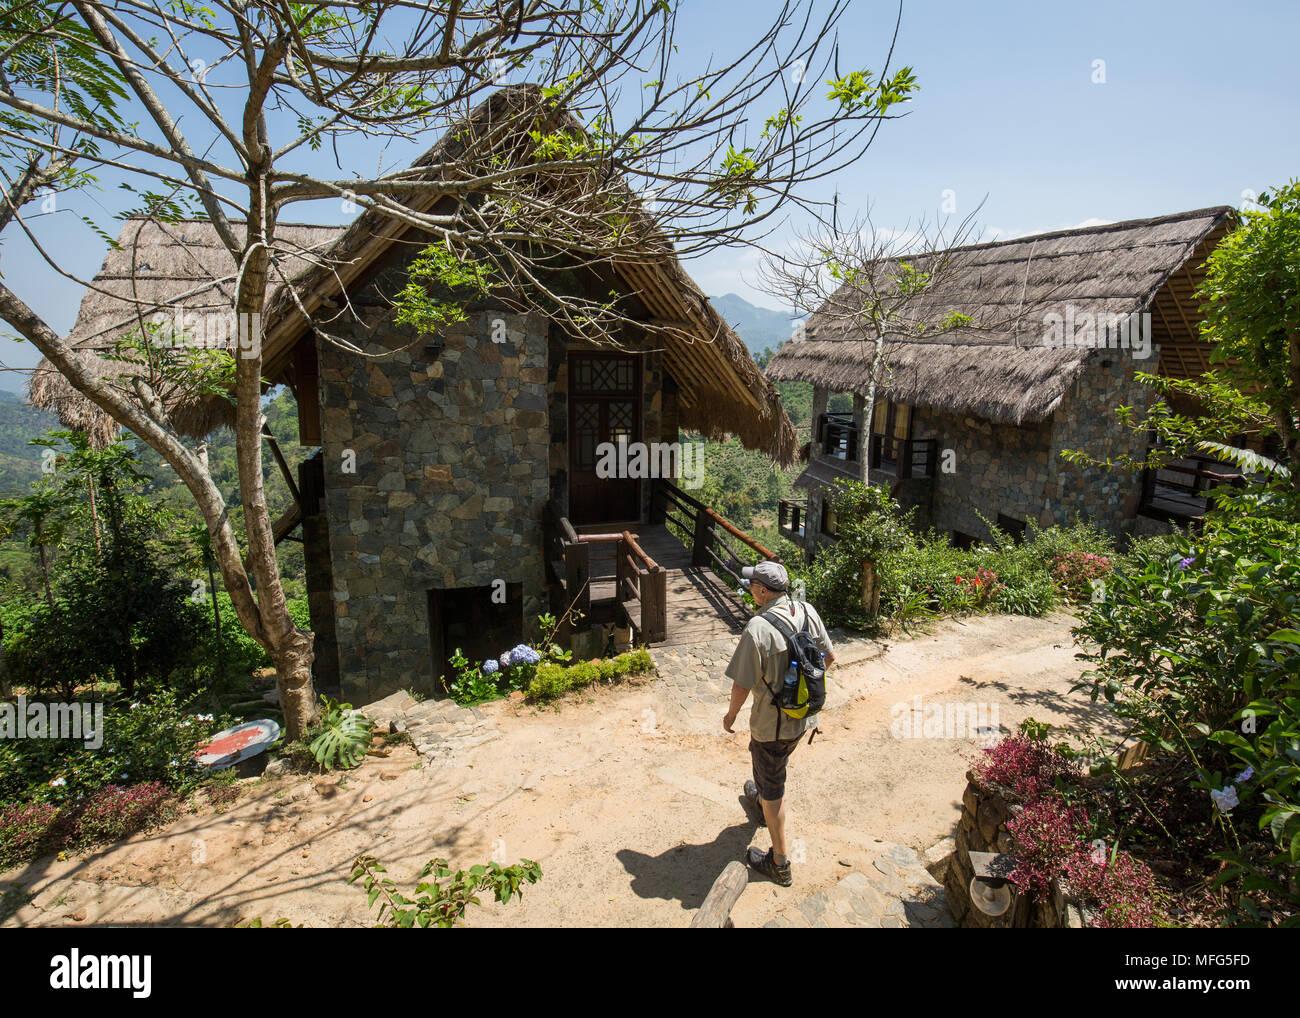 Paseos turísticos hacia su lodge en los 98 acres Resort & Spa, Ella, Badulla, distrito de la provincia de Uva, Sri Lanka, Asia. Imagen De Stock